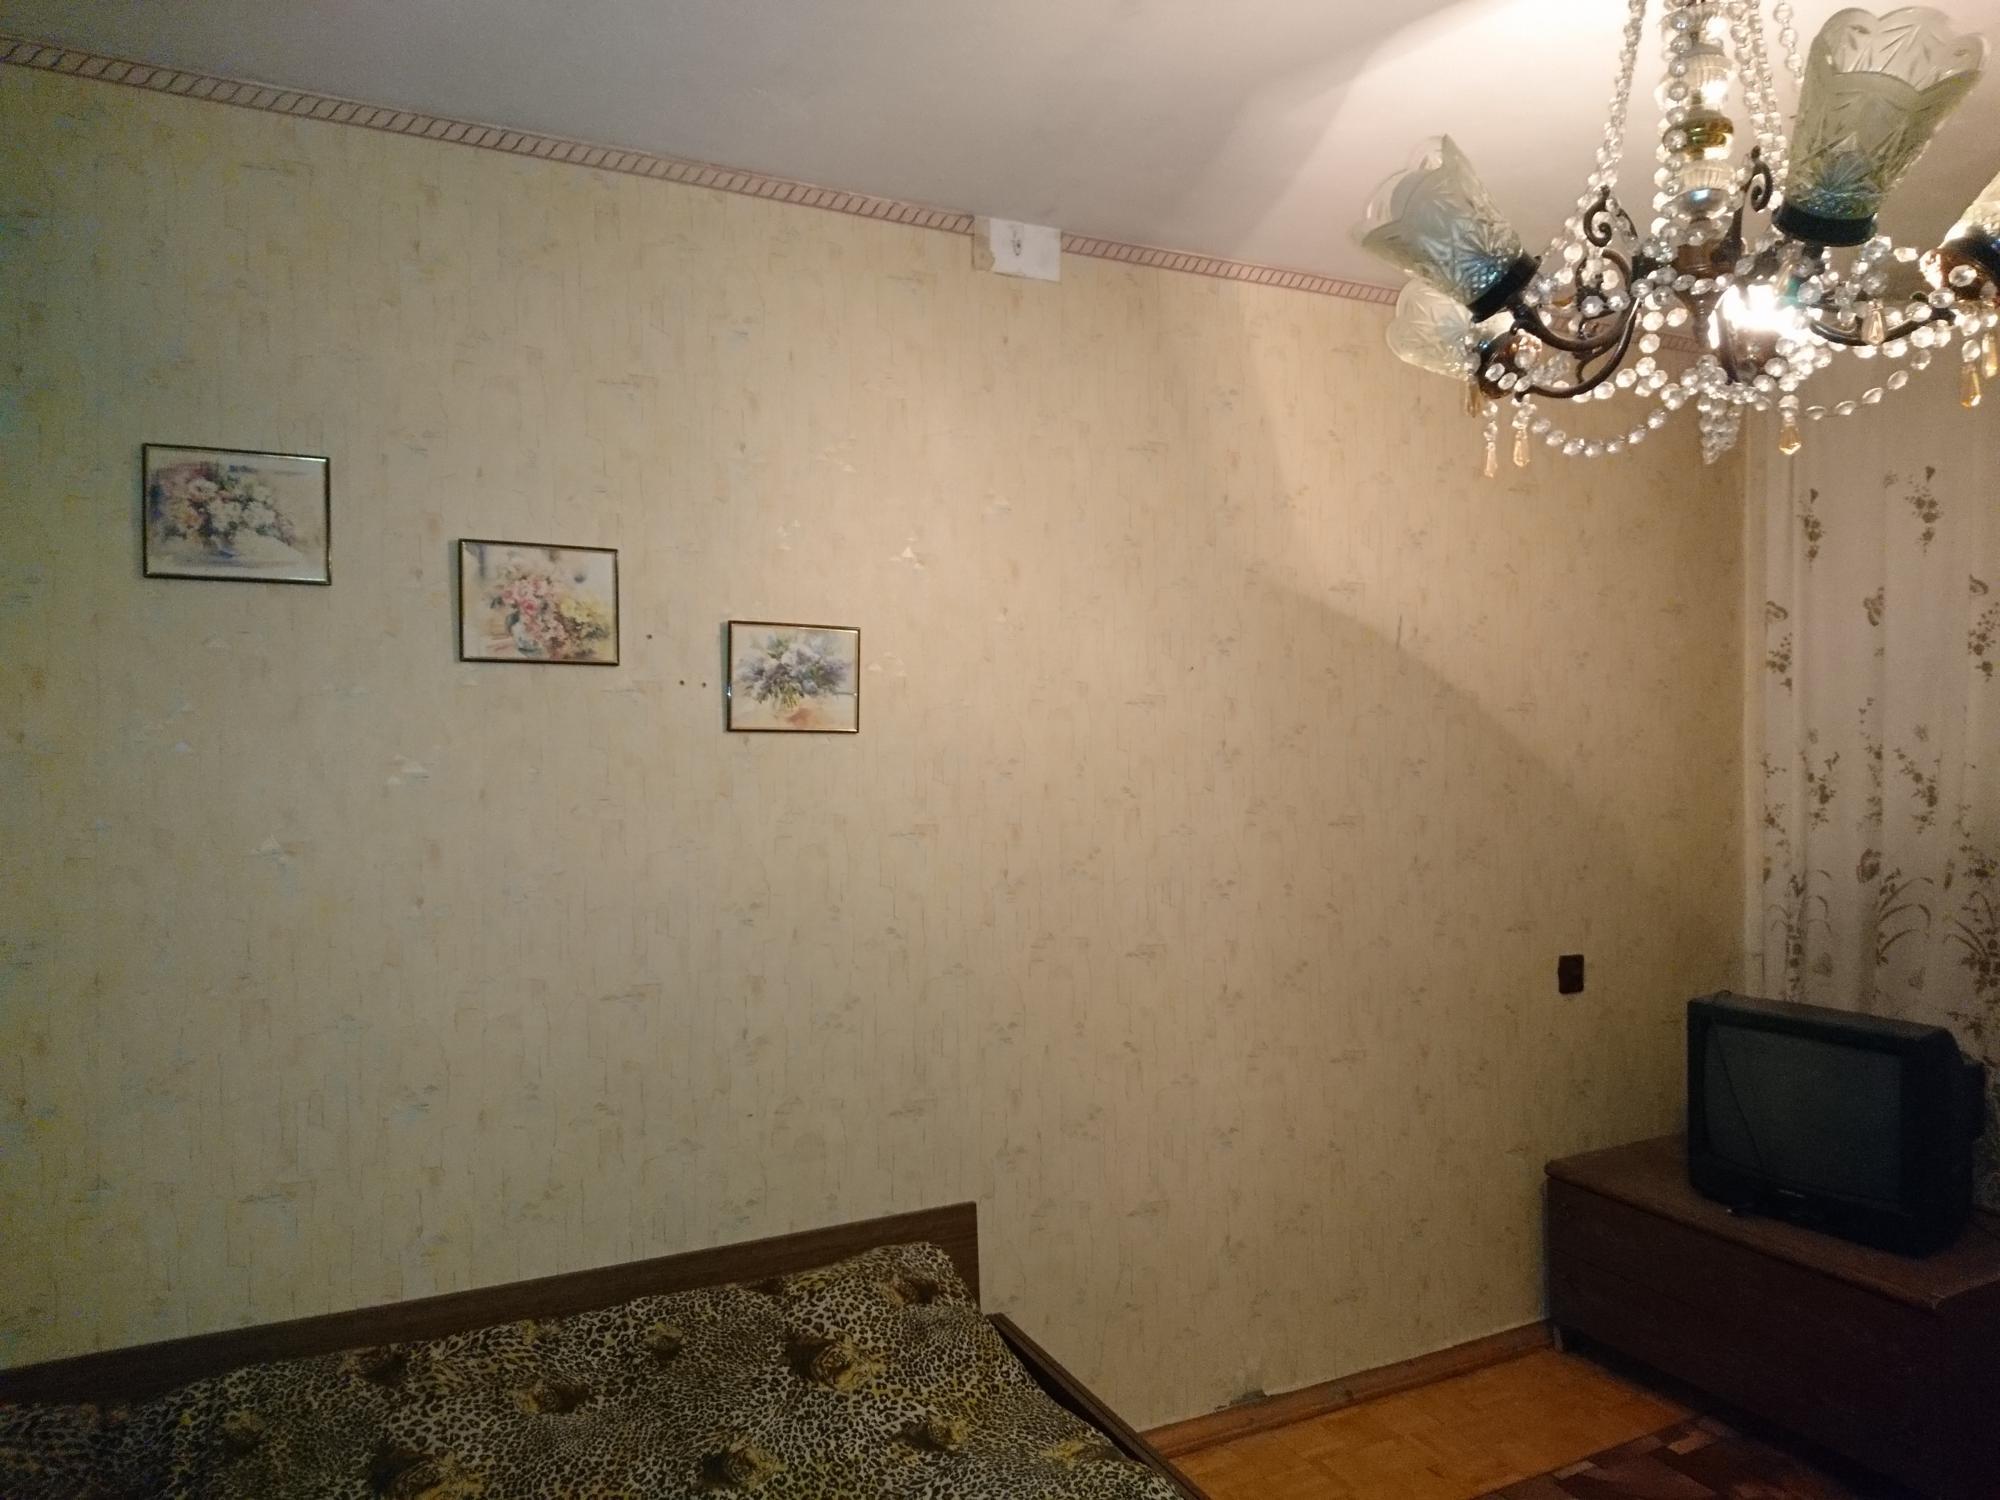 Квартира, 2 комнаты, 50 м² в Пушкино 89055552967 купить 5